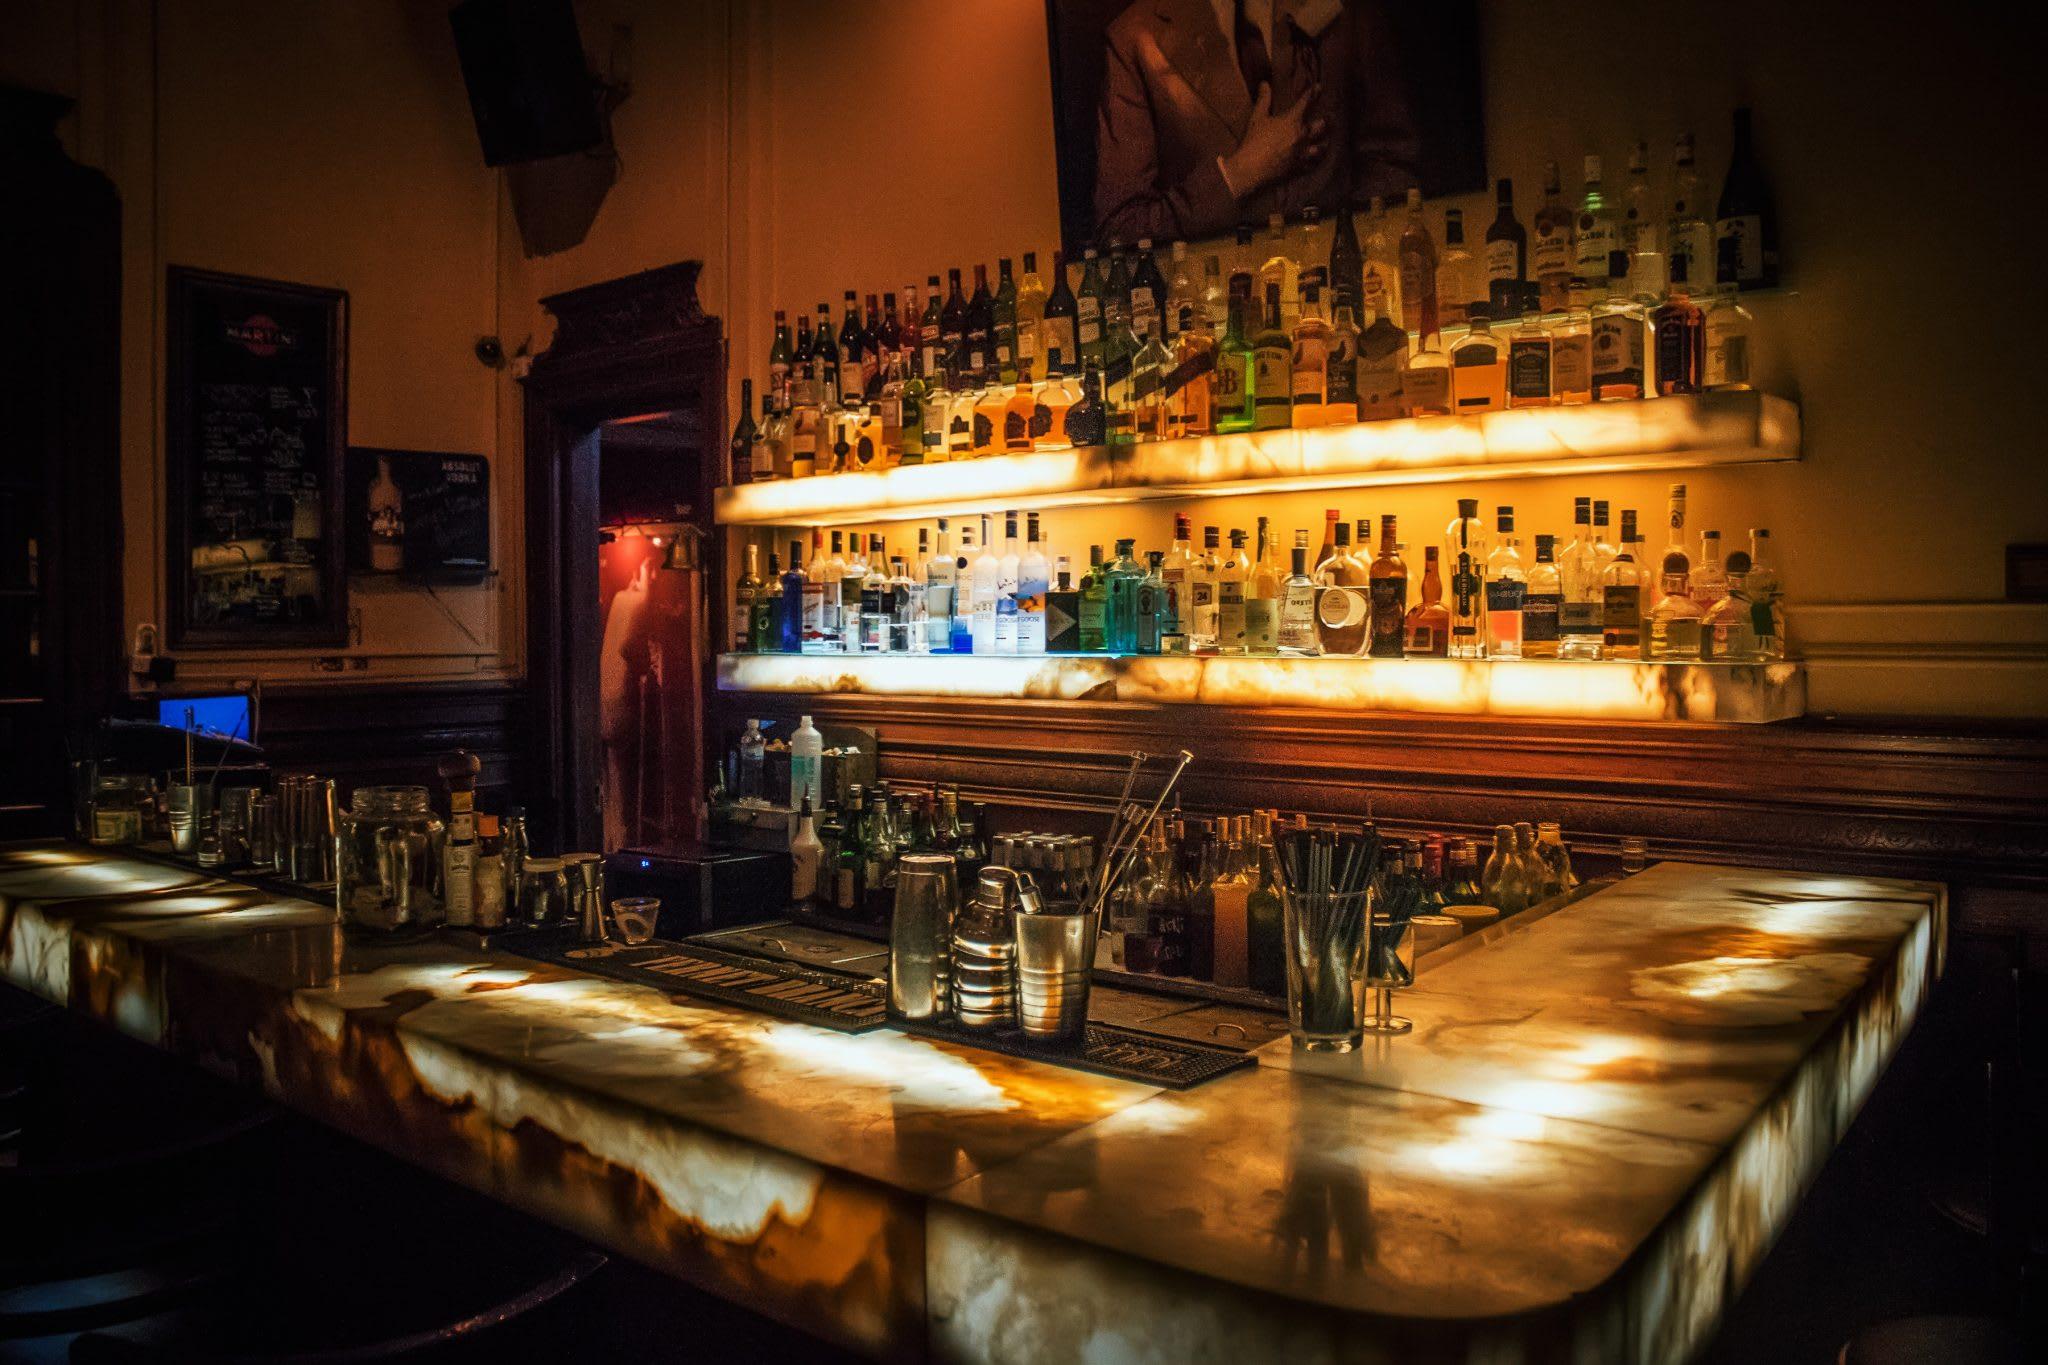 How to do Liquor Inventory: A Practical Guide